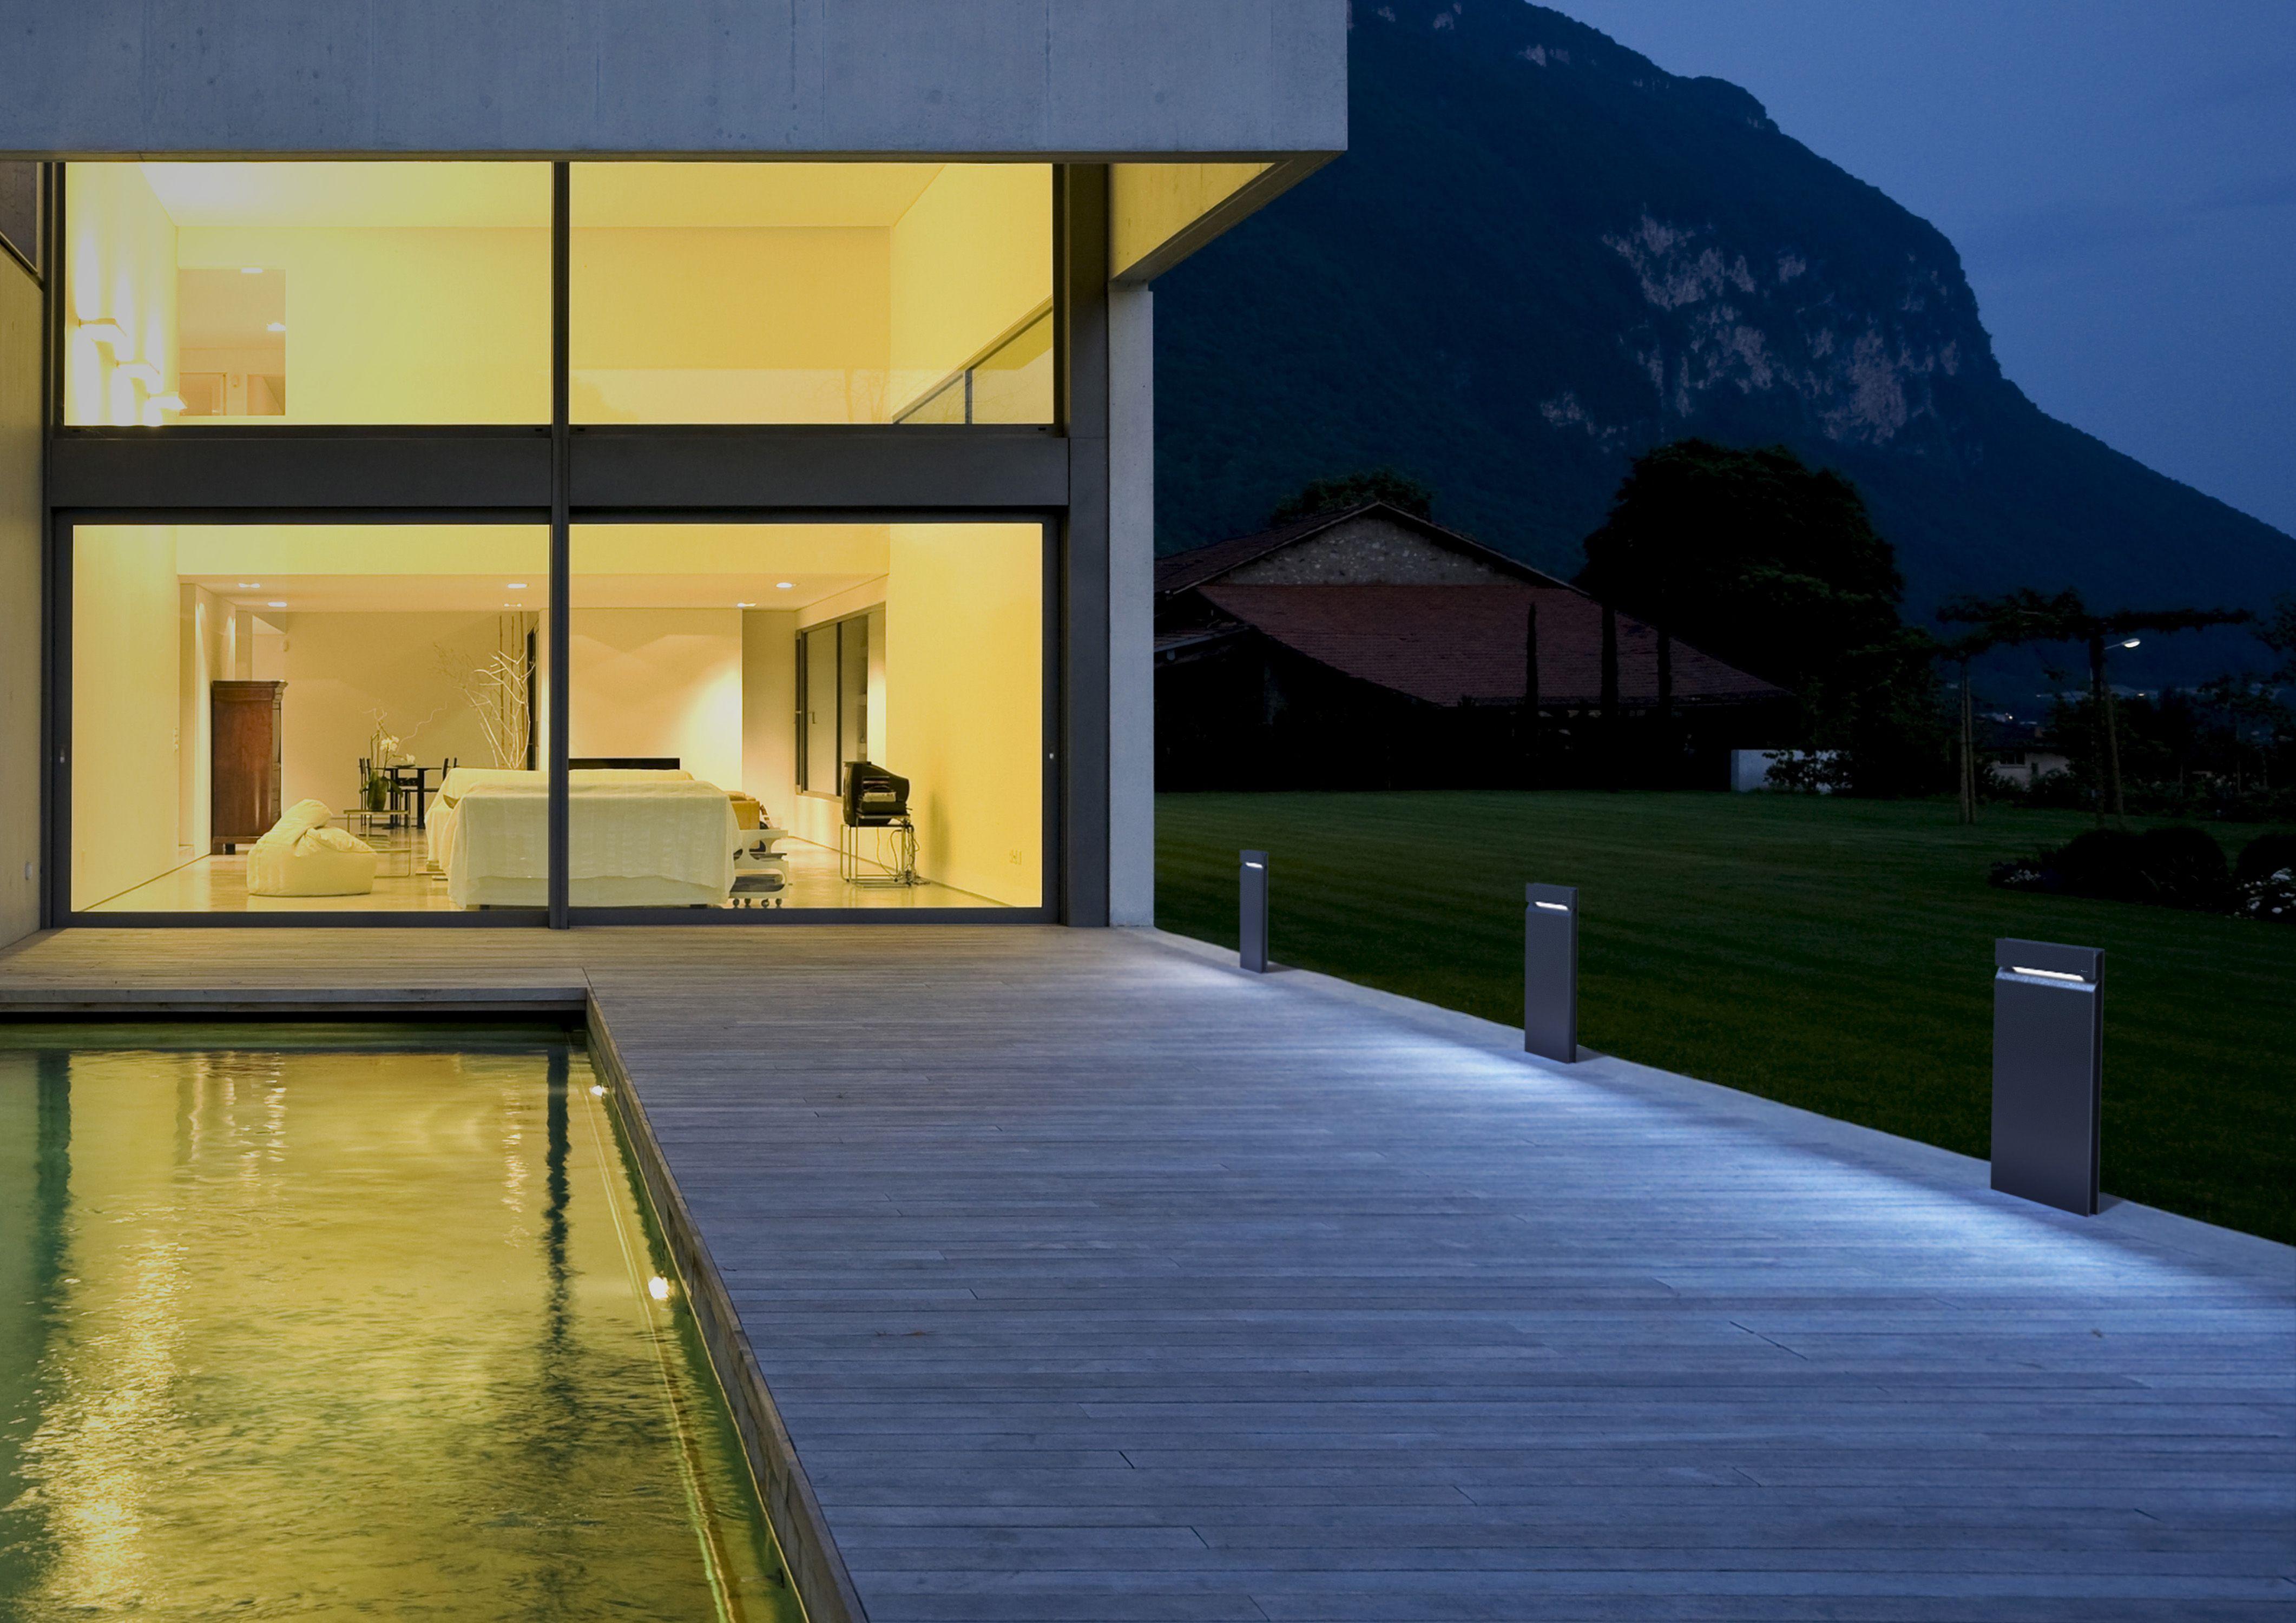 Borne Eclairage Exterieur Design Elegant Luminaire Extrieur Design